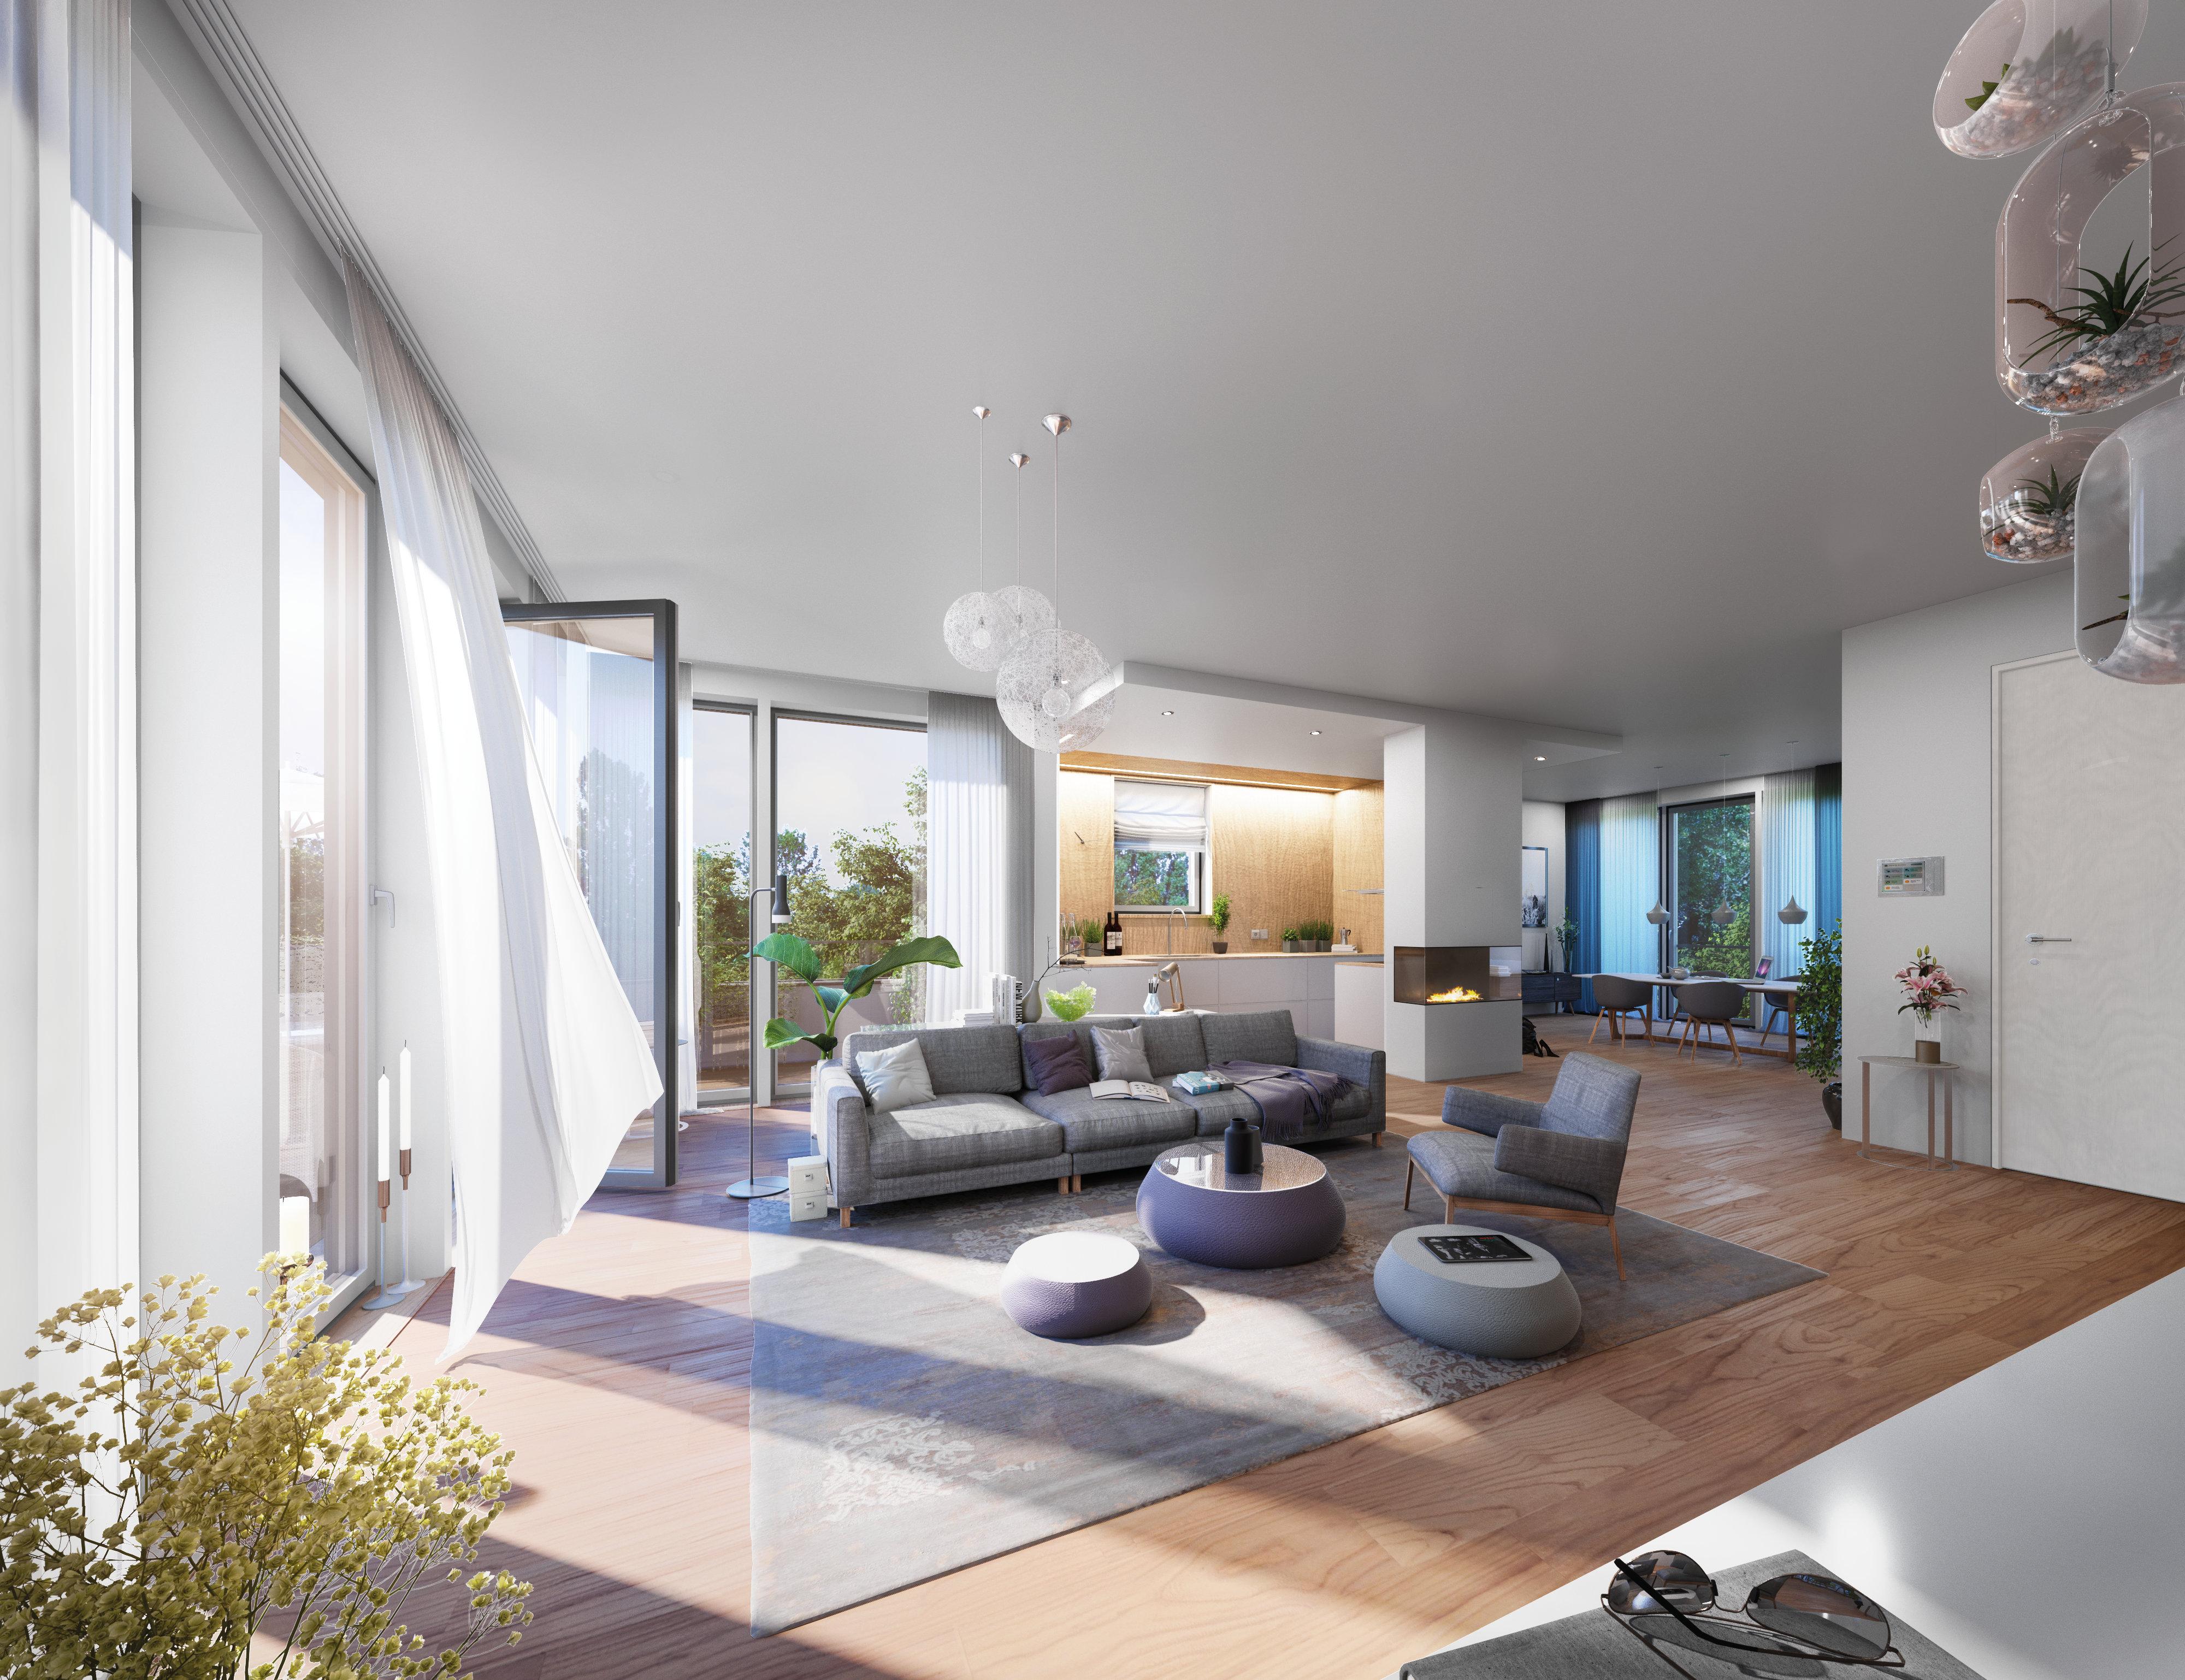 Das großzügig geschnittene Penthouse im vierten Obergeschoss des Hauses präsentiert sich offen mit weitläufigen Wohnräumen und besitzt neben einem integrierten Kamin auch zwei schöne Sonnenterrassen.